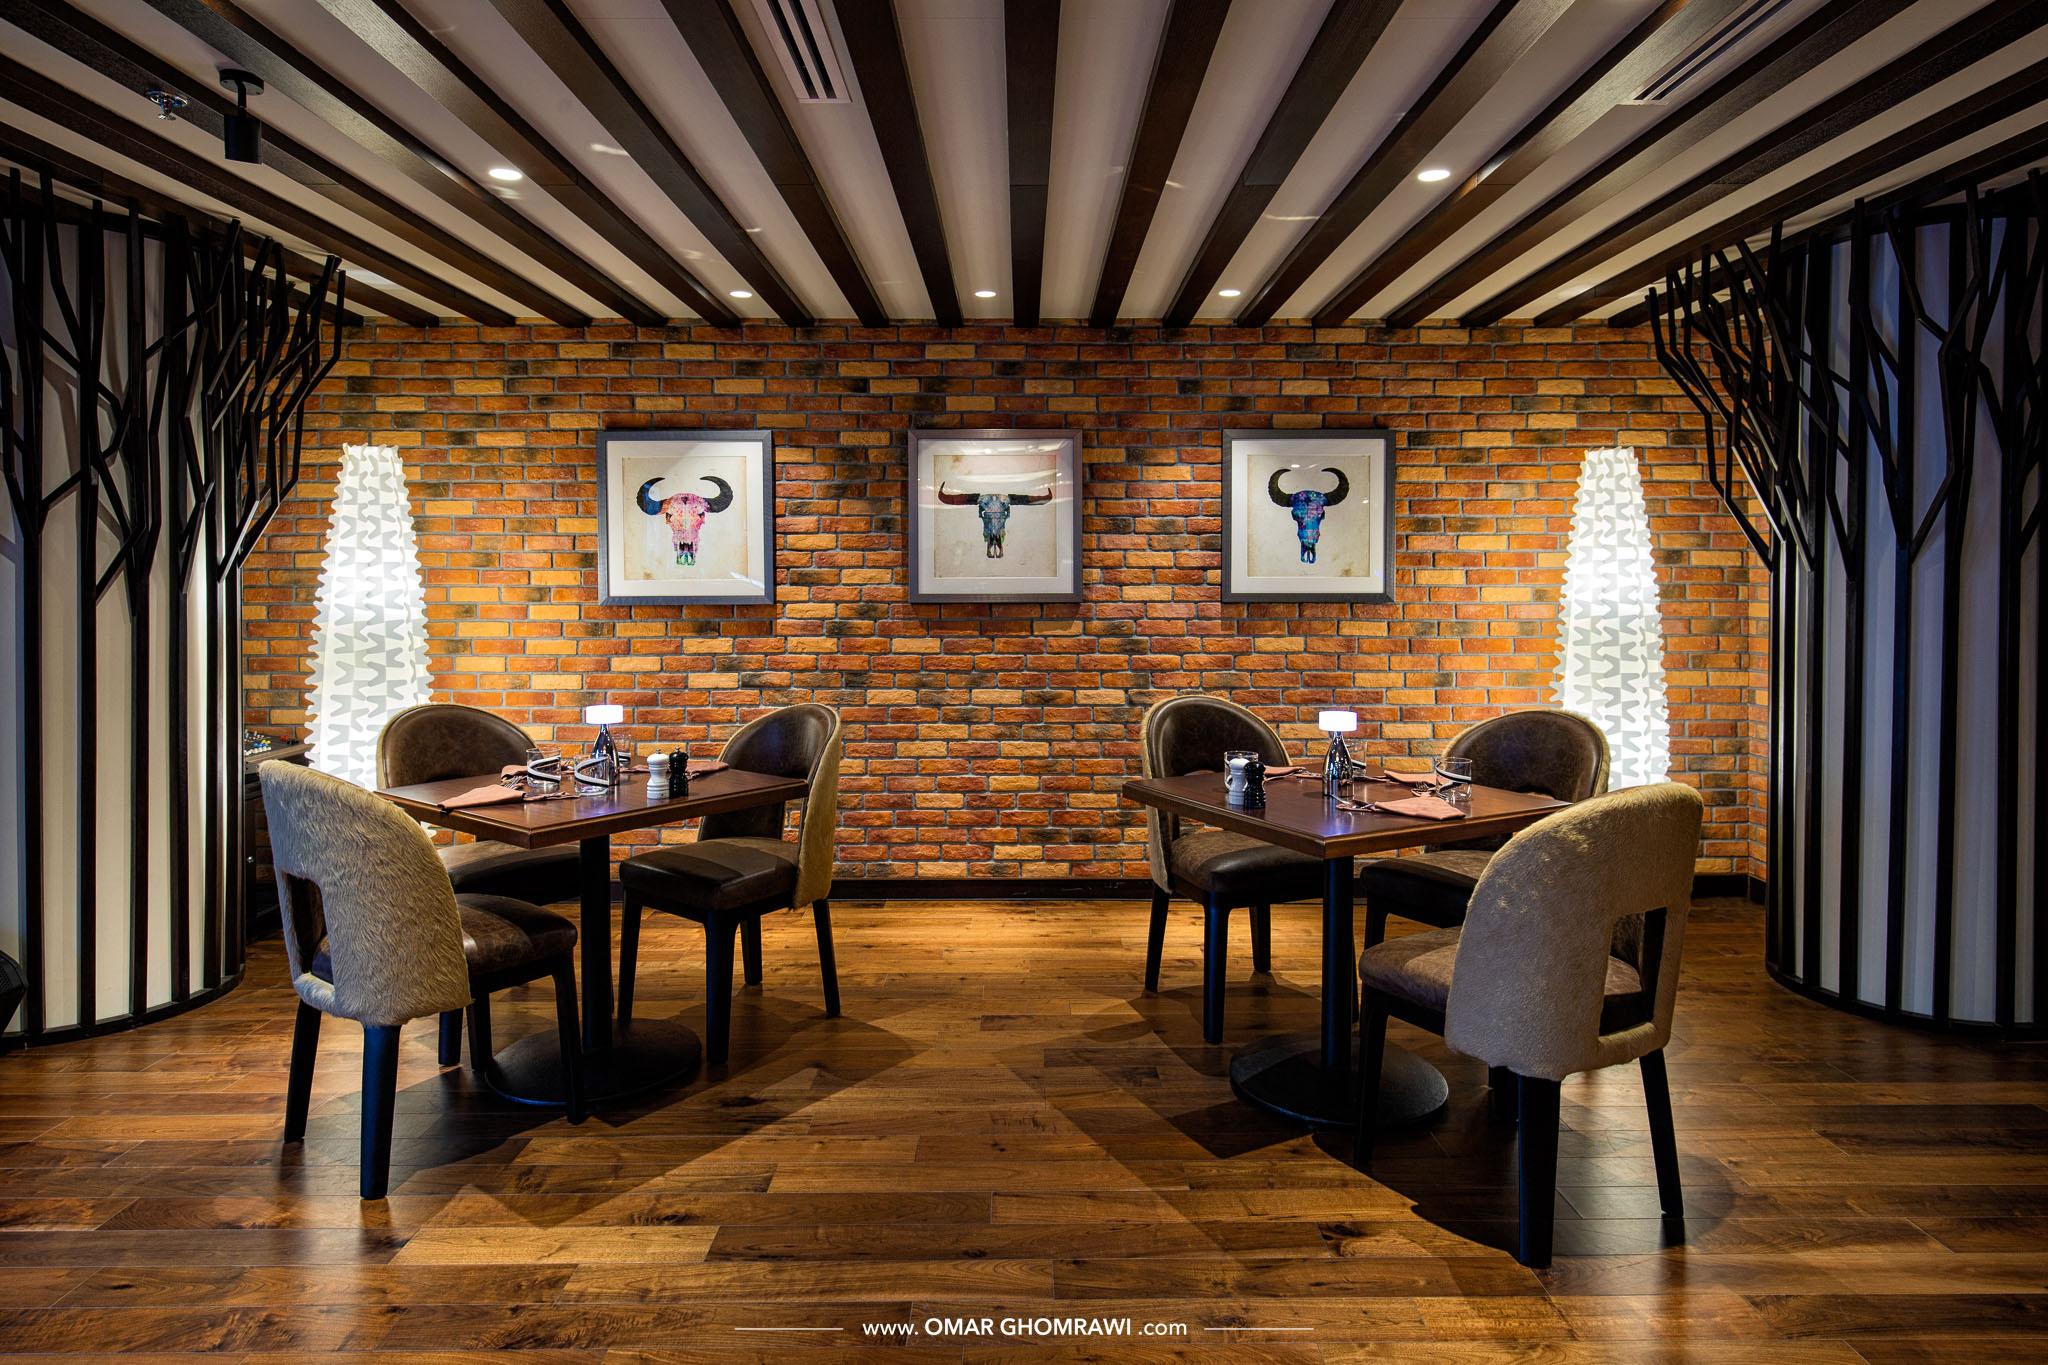 Wyndham Restaurent 4654